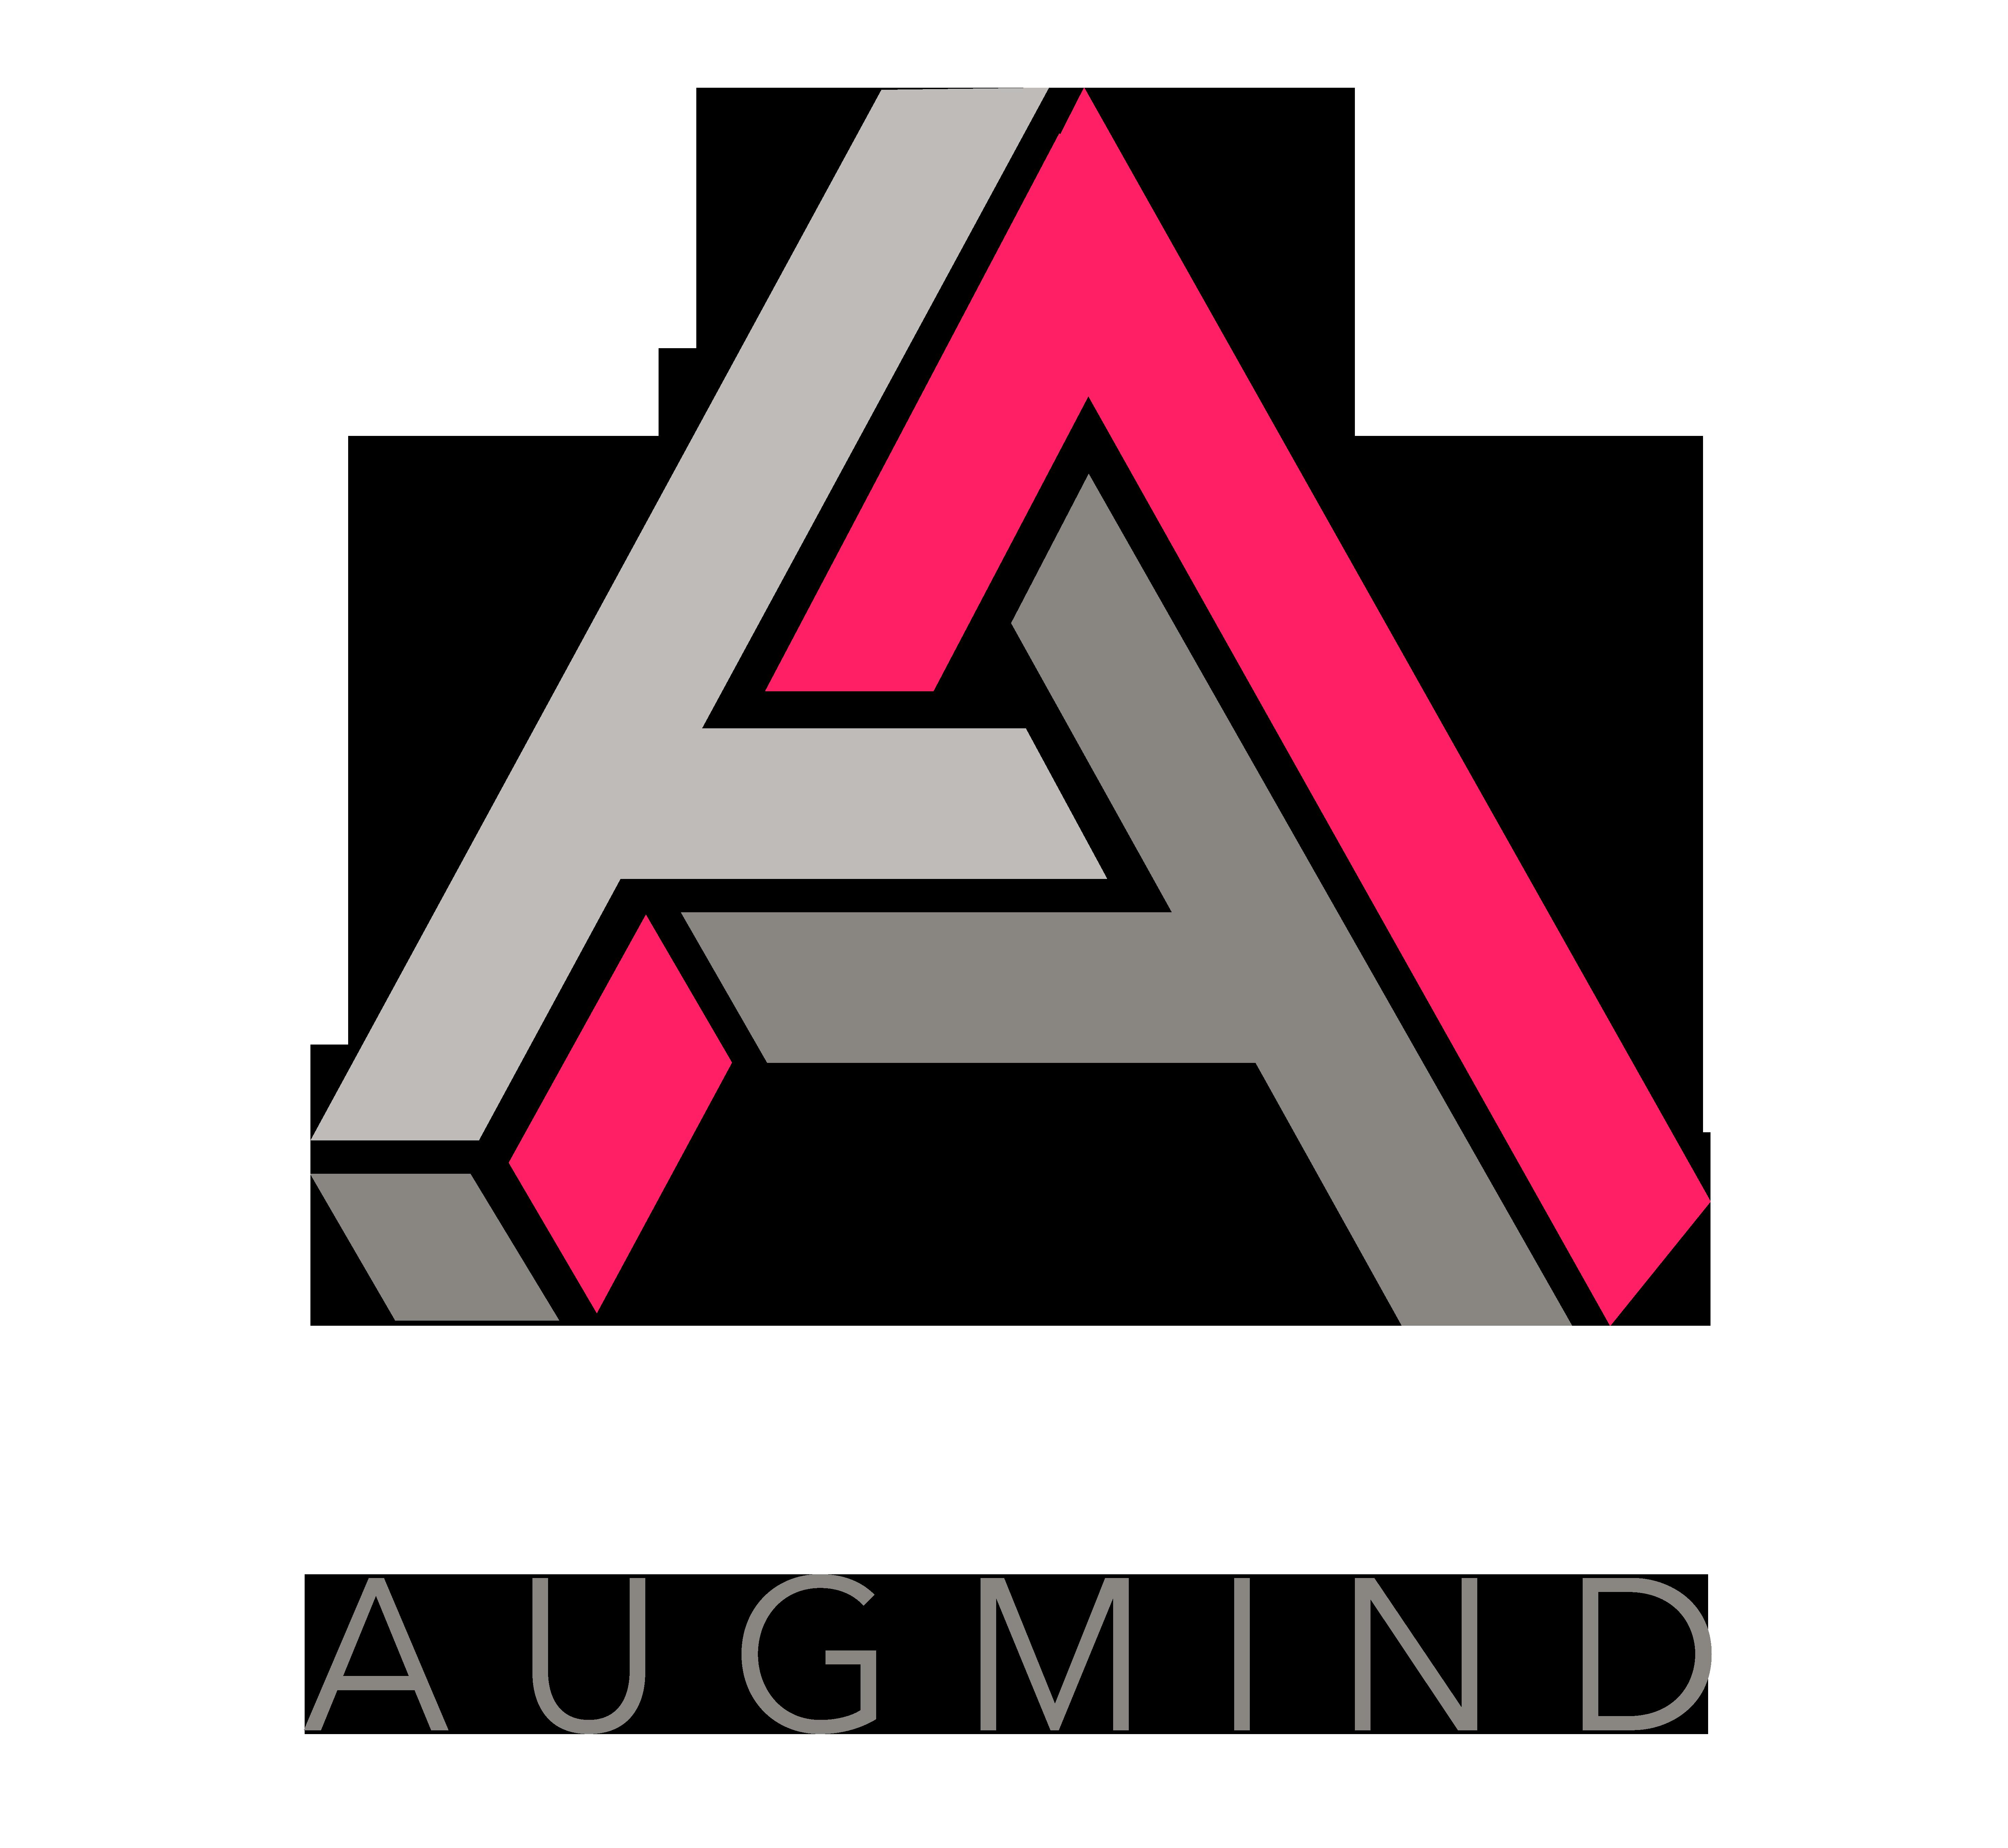 4-logo-image